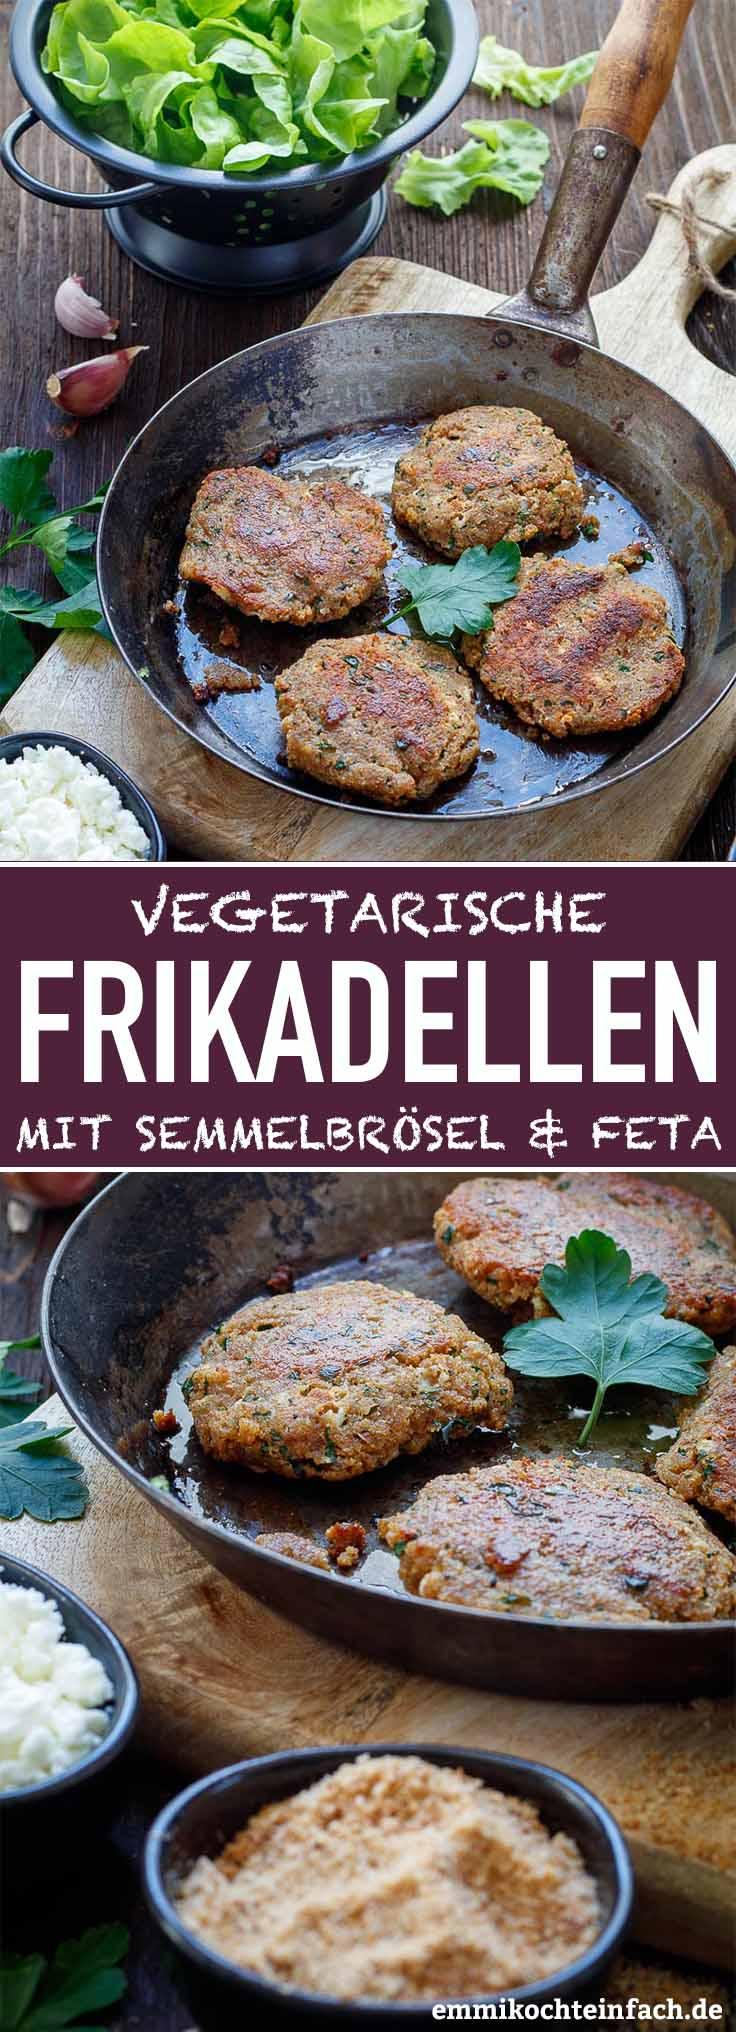 Semmelbrösel Frikadellen mit Feta - www.emmikochteinfach.de